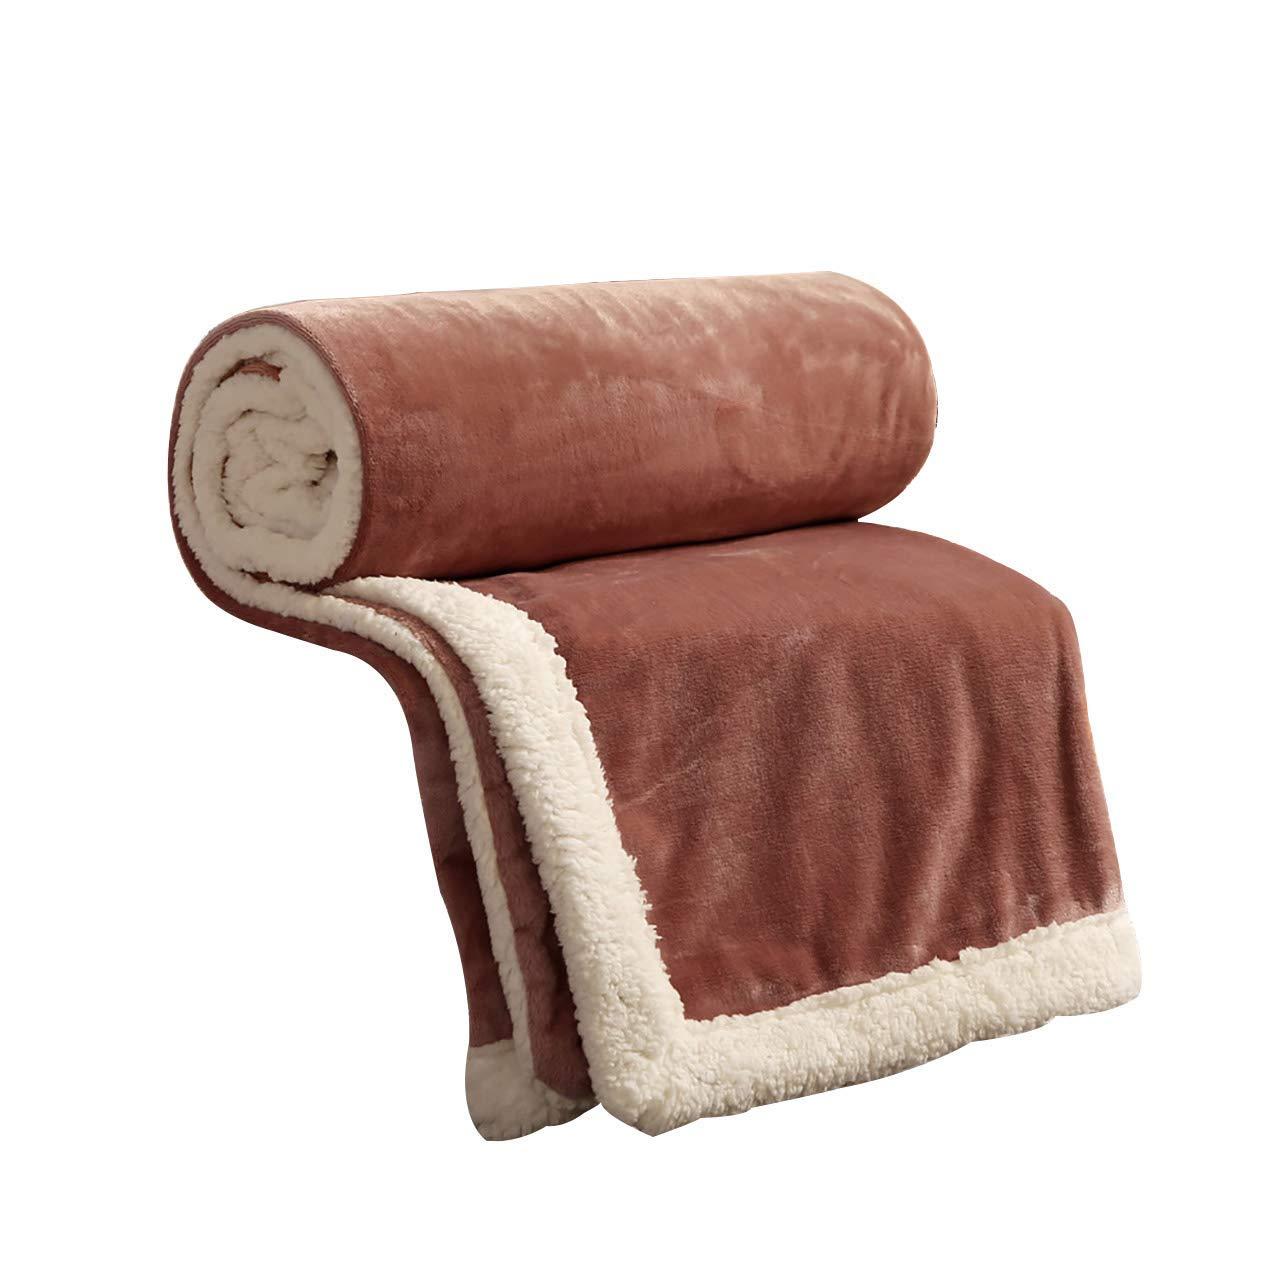 フェイクファー毛布フェイクファー、無地毛布学生寮の女性の冬厚いサンゴフリース毛布暖かいシートキルト(色:B、サイズ:200× 230 cm) B07QLKGQBQ